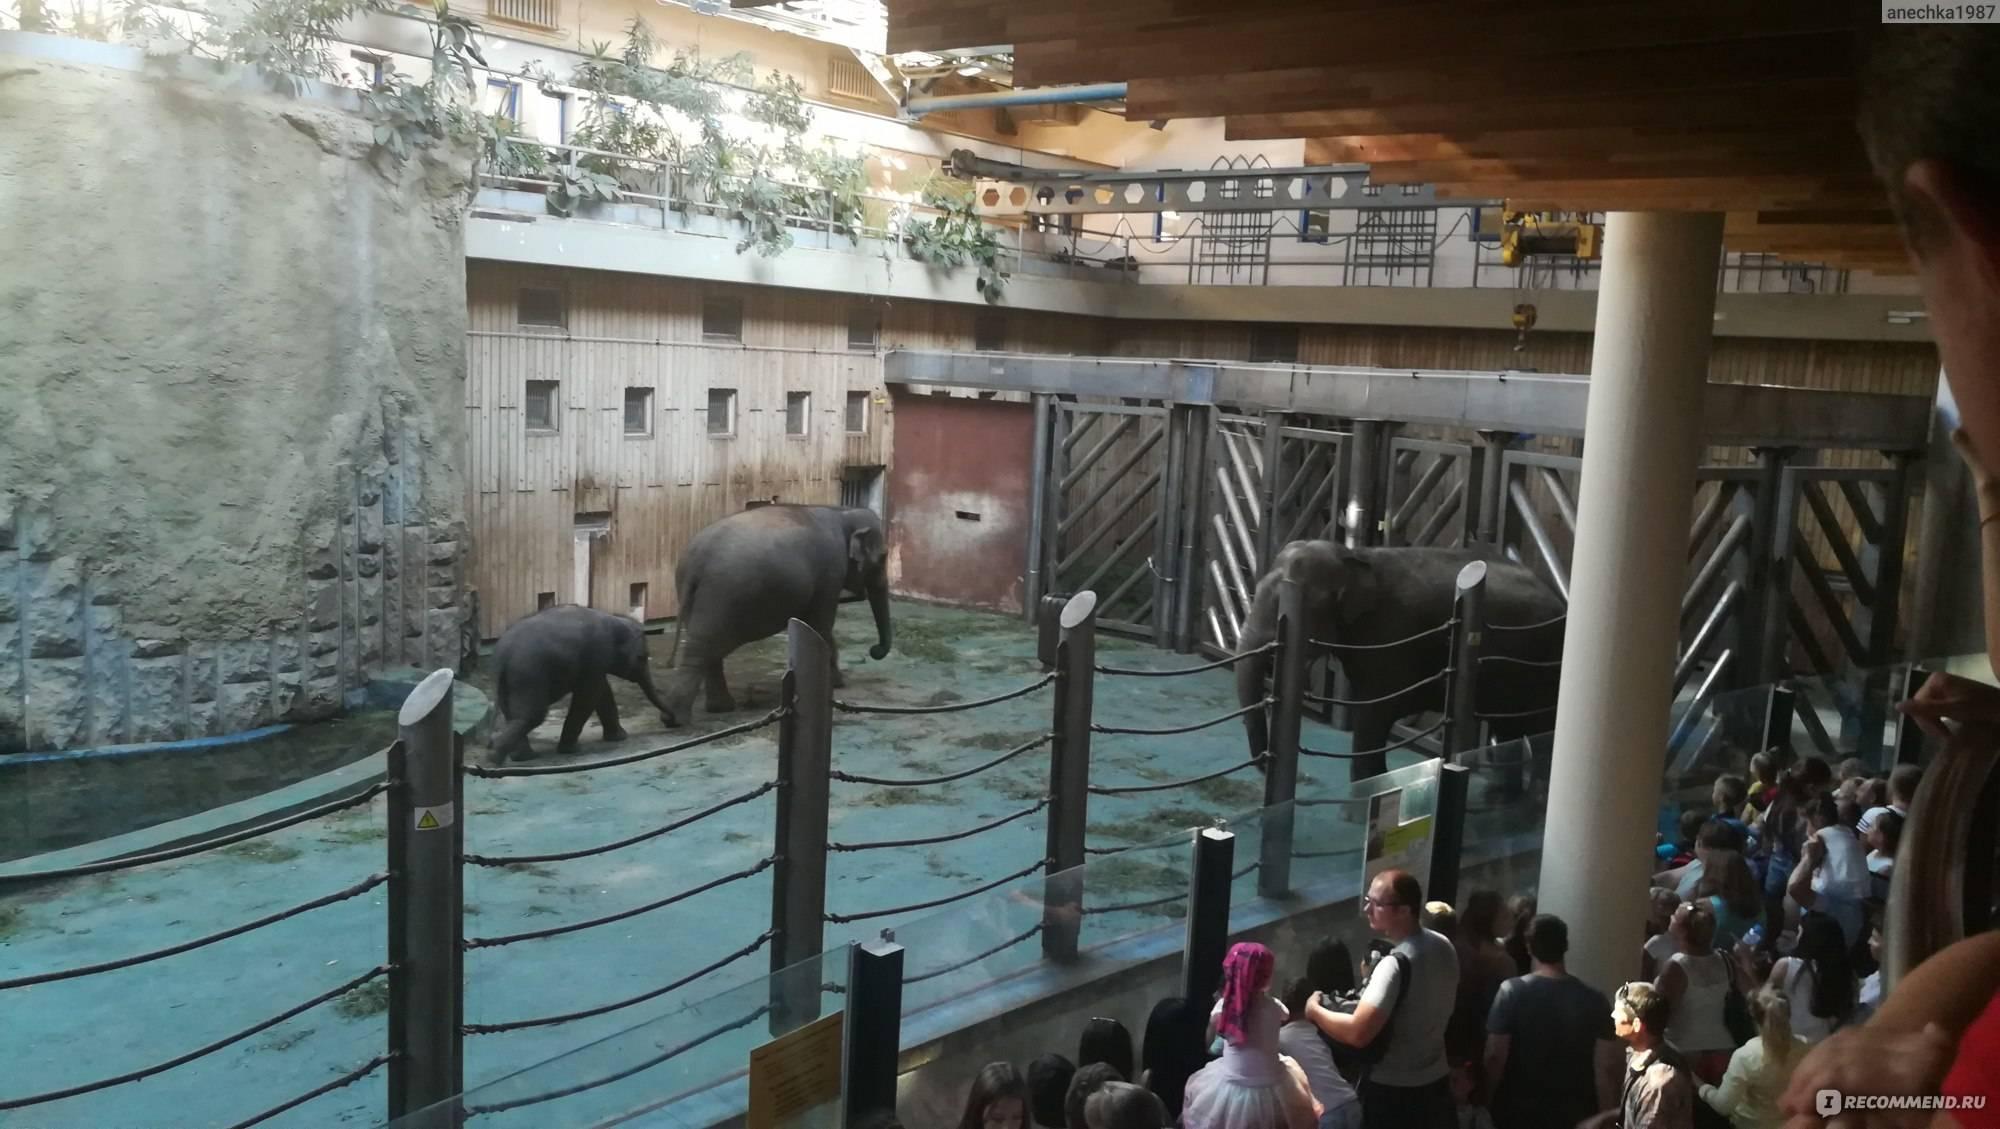 Зоопарк калининграда. адрес, цены на билеты 2021, фото, видео. отели рядом, как добраться – туристер.ру